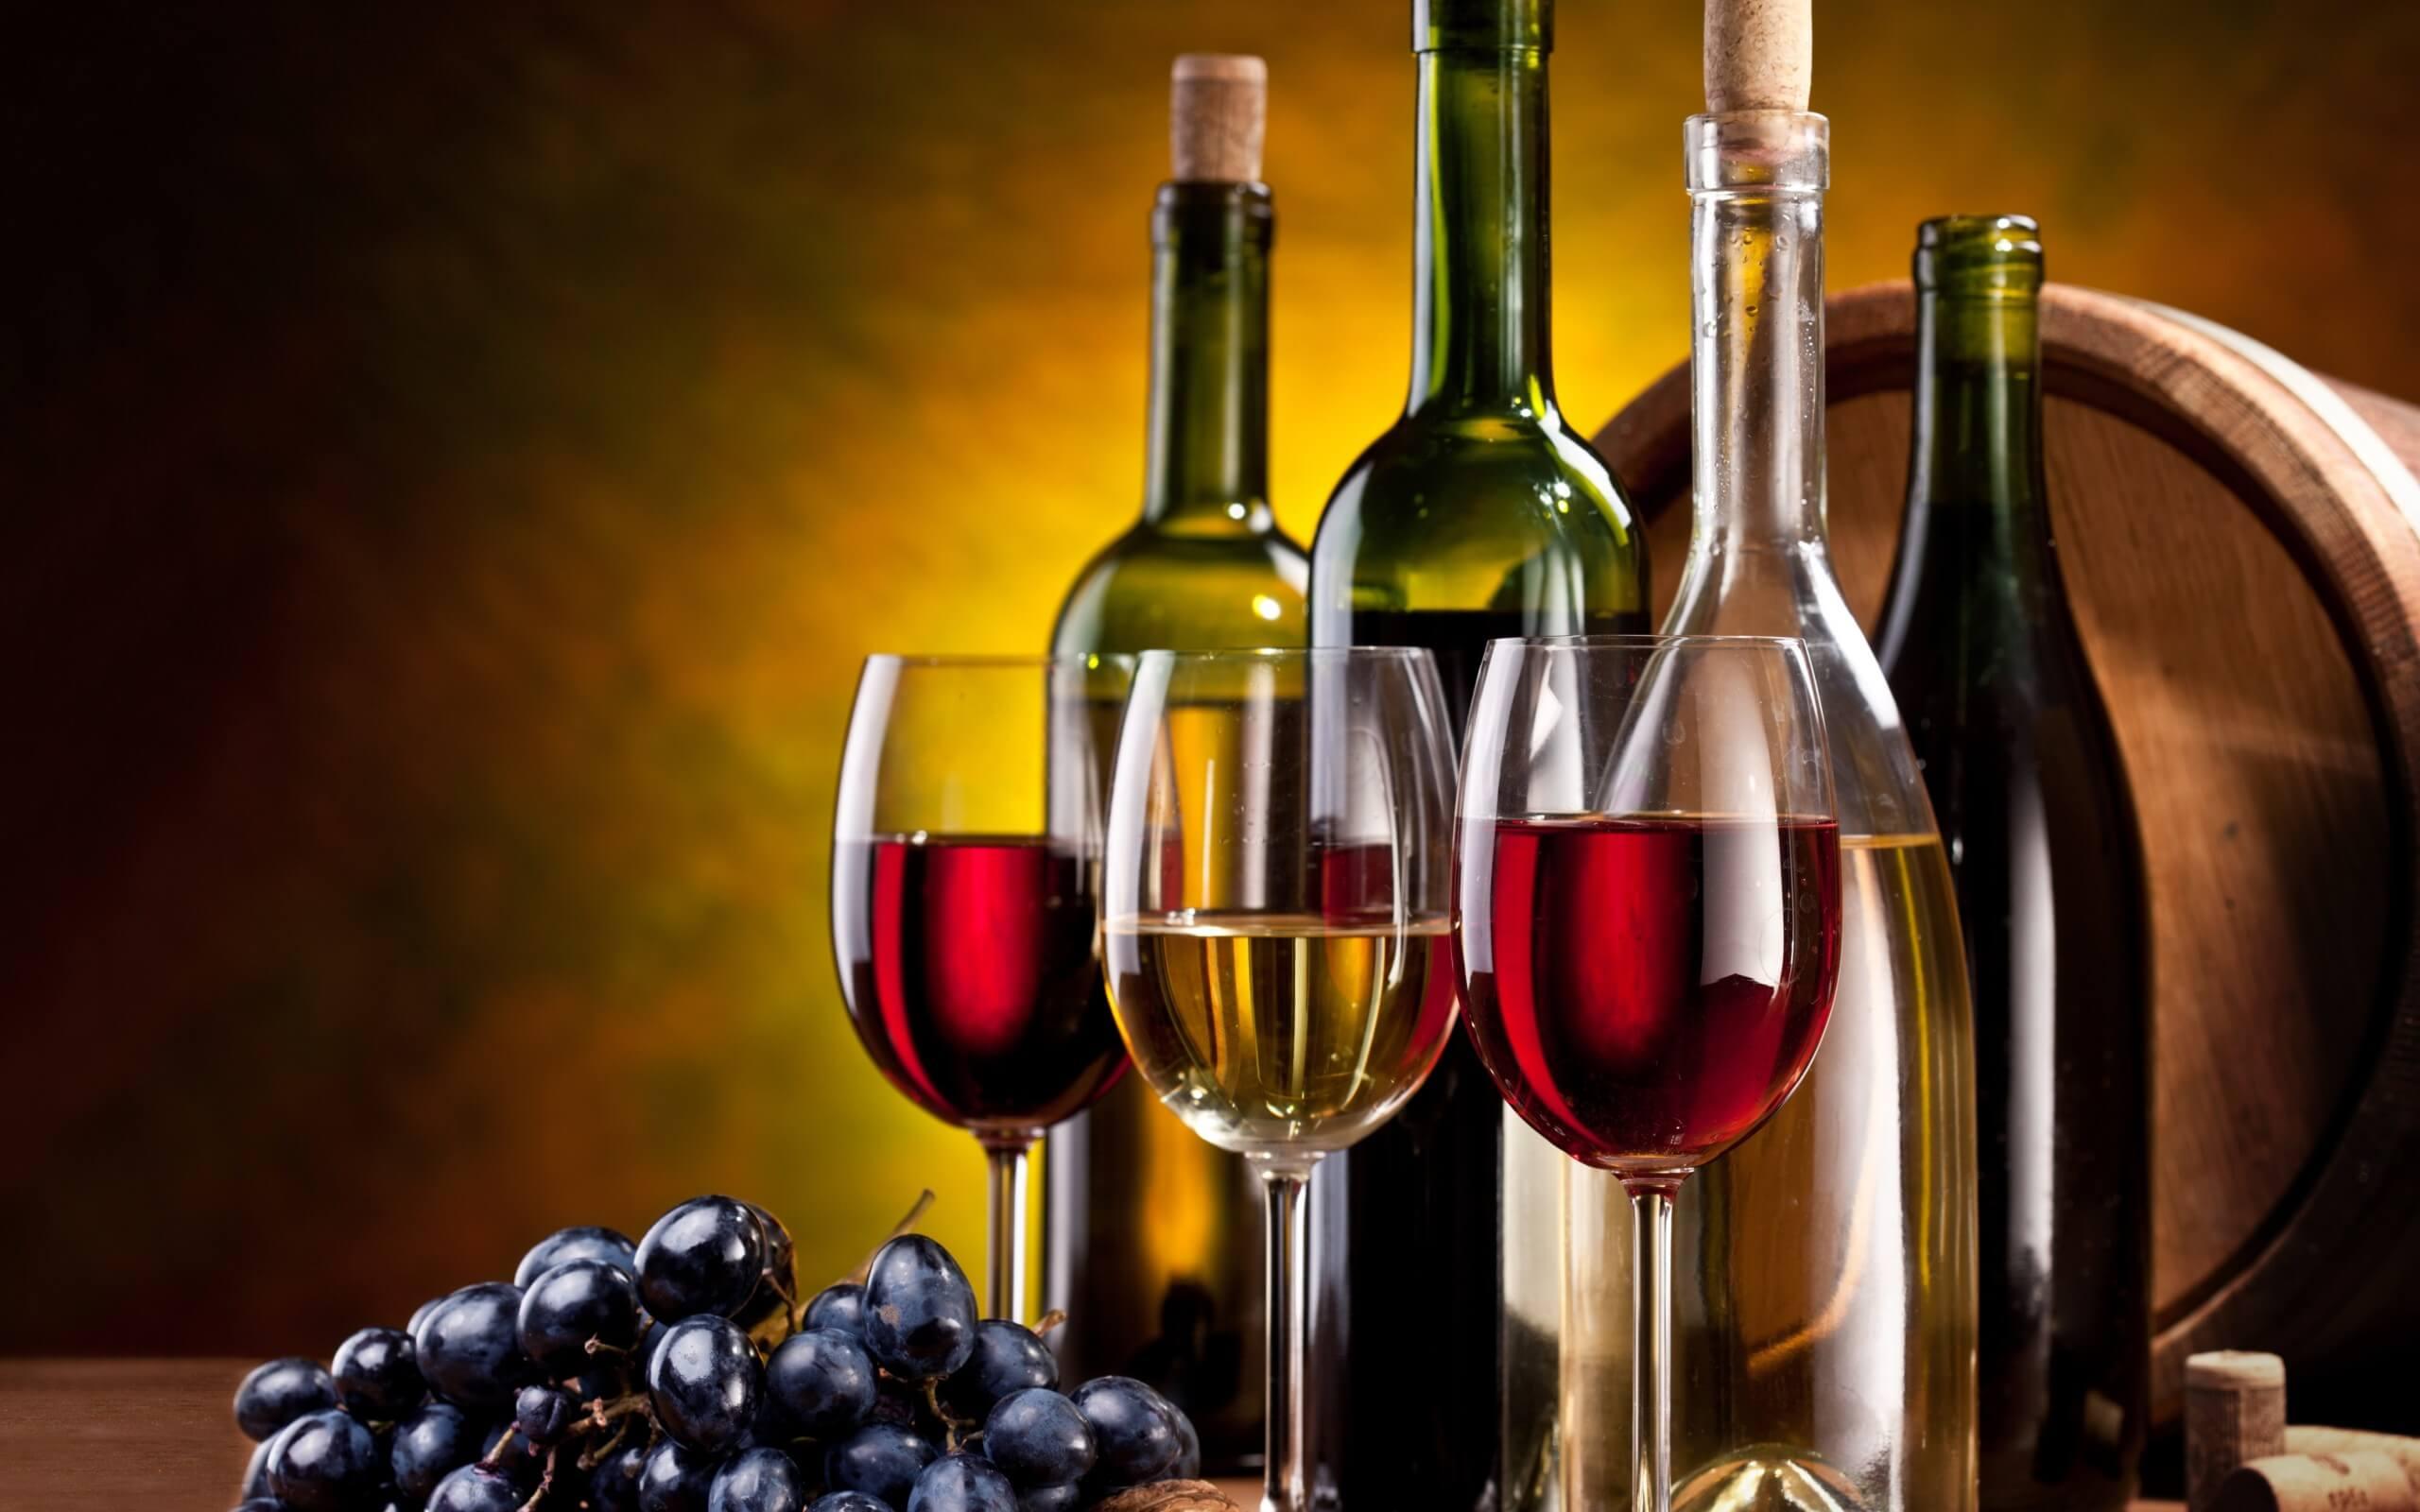 Tìm hiểu về quy trình sản xuất rượu vang